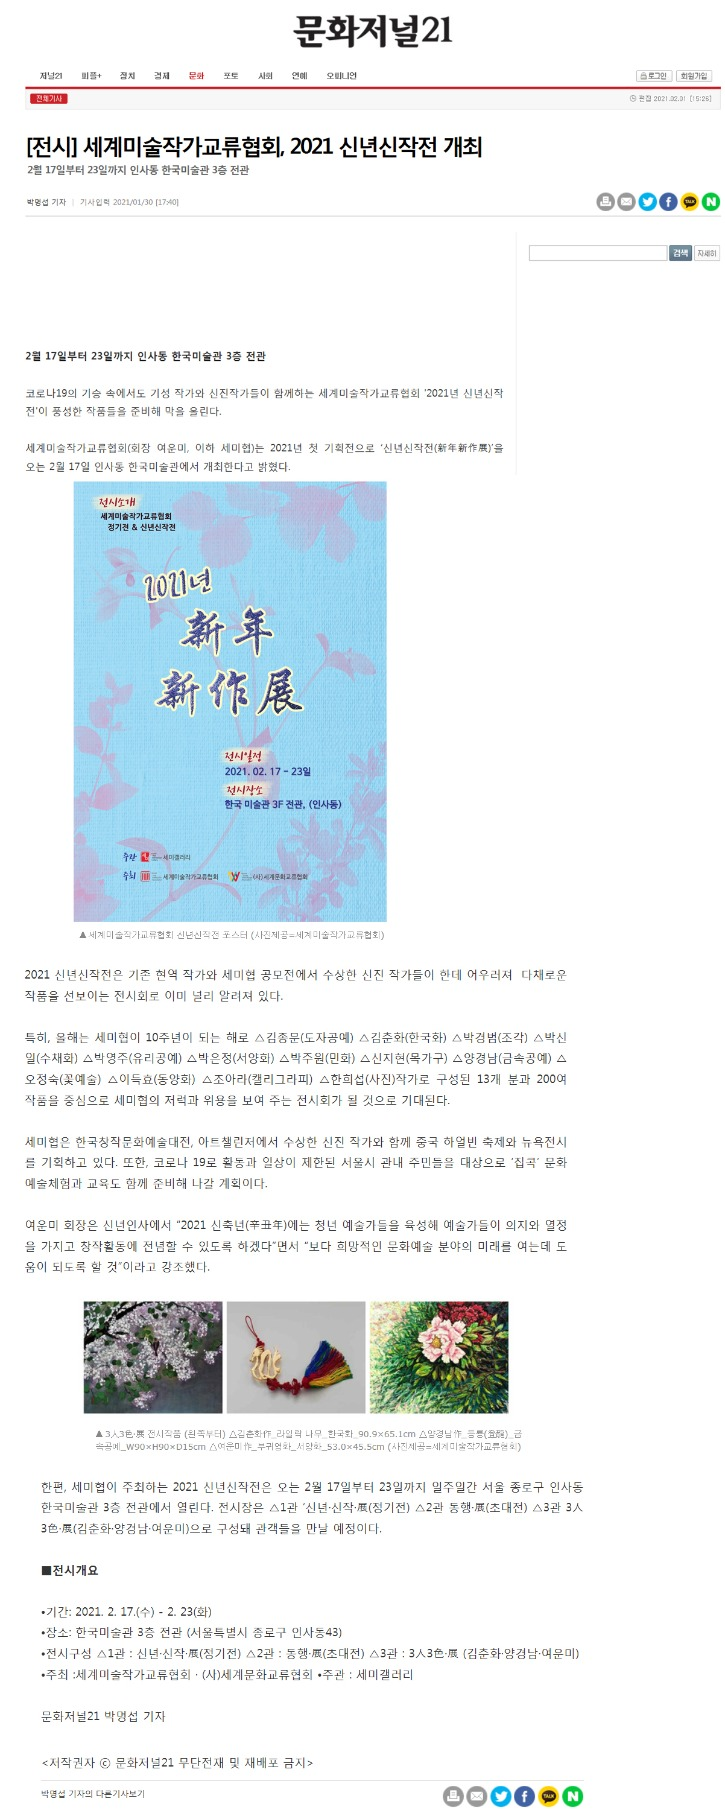 2021 신년신작전_보도자료_문화저널21.jpg